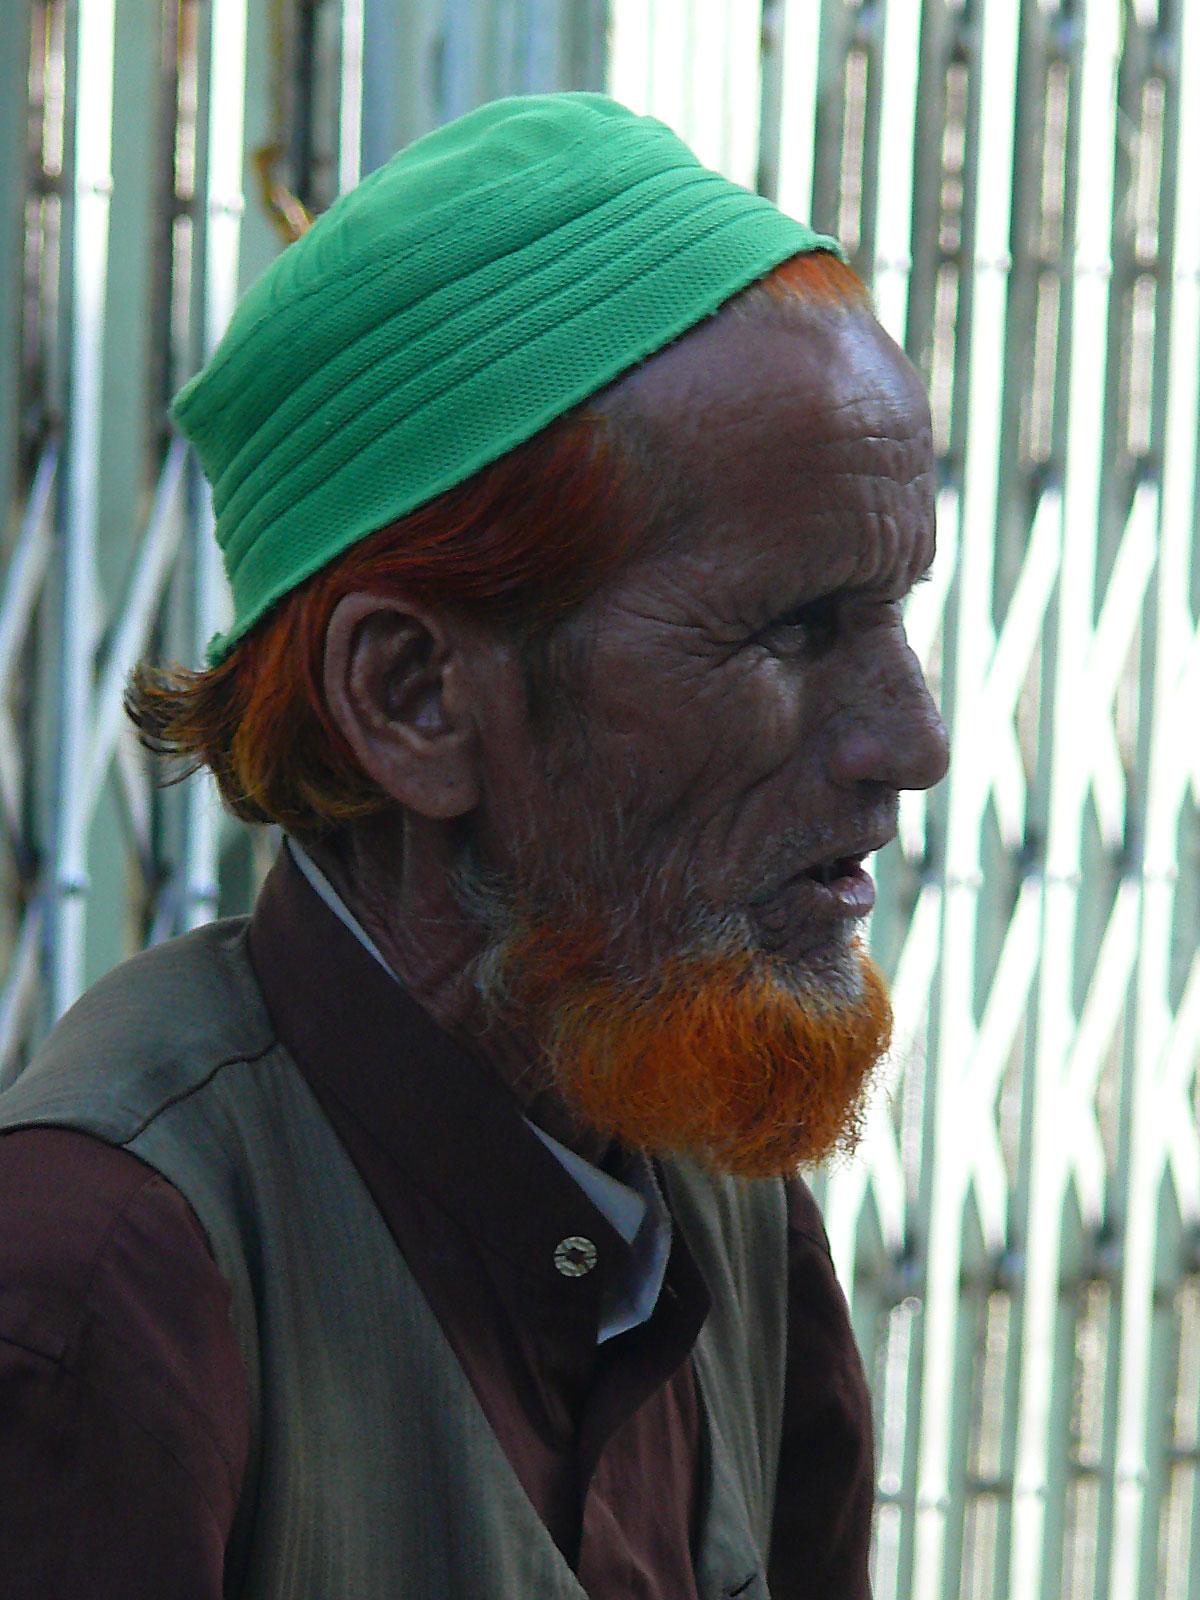 INDIEN MUMBAI Menschen Wohnen FINEST-onTour P1030602.jpg